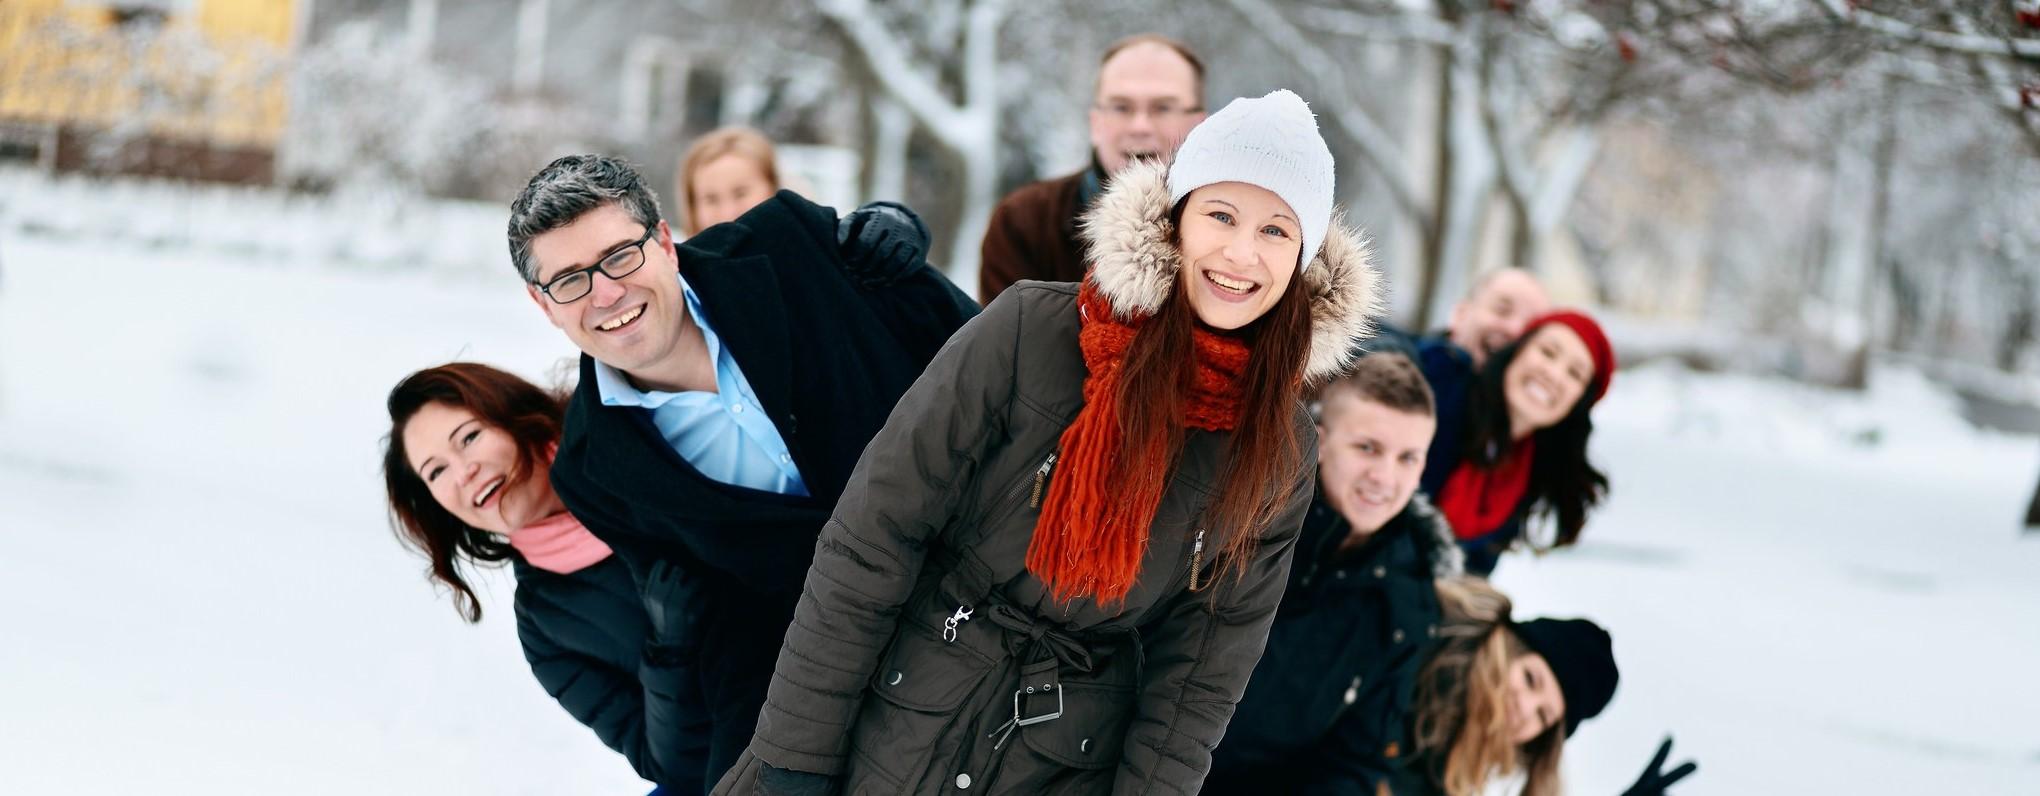 Course Image Pedagogisen asiantuntijuuden kehittäminen 2020 - Marko